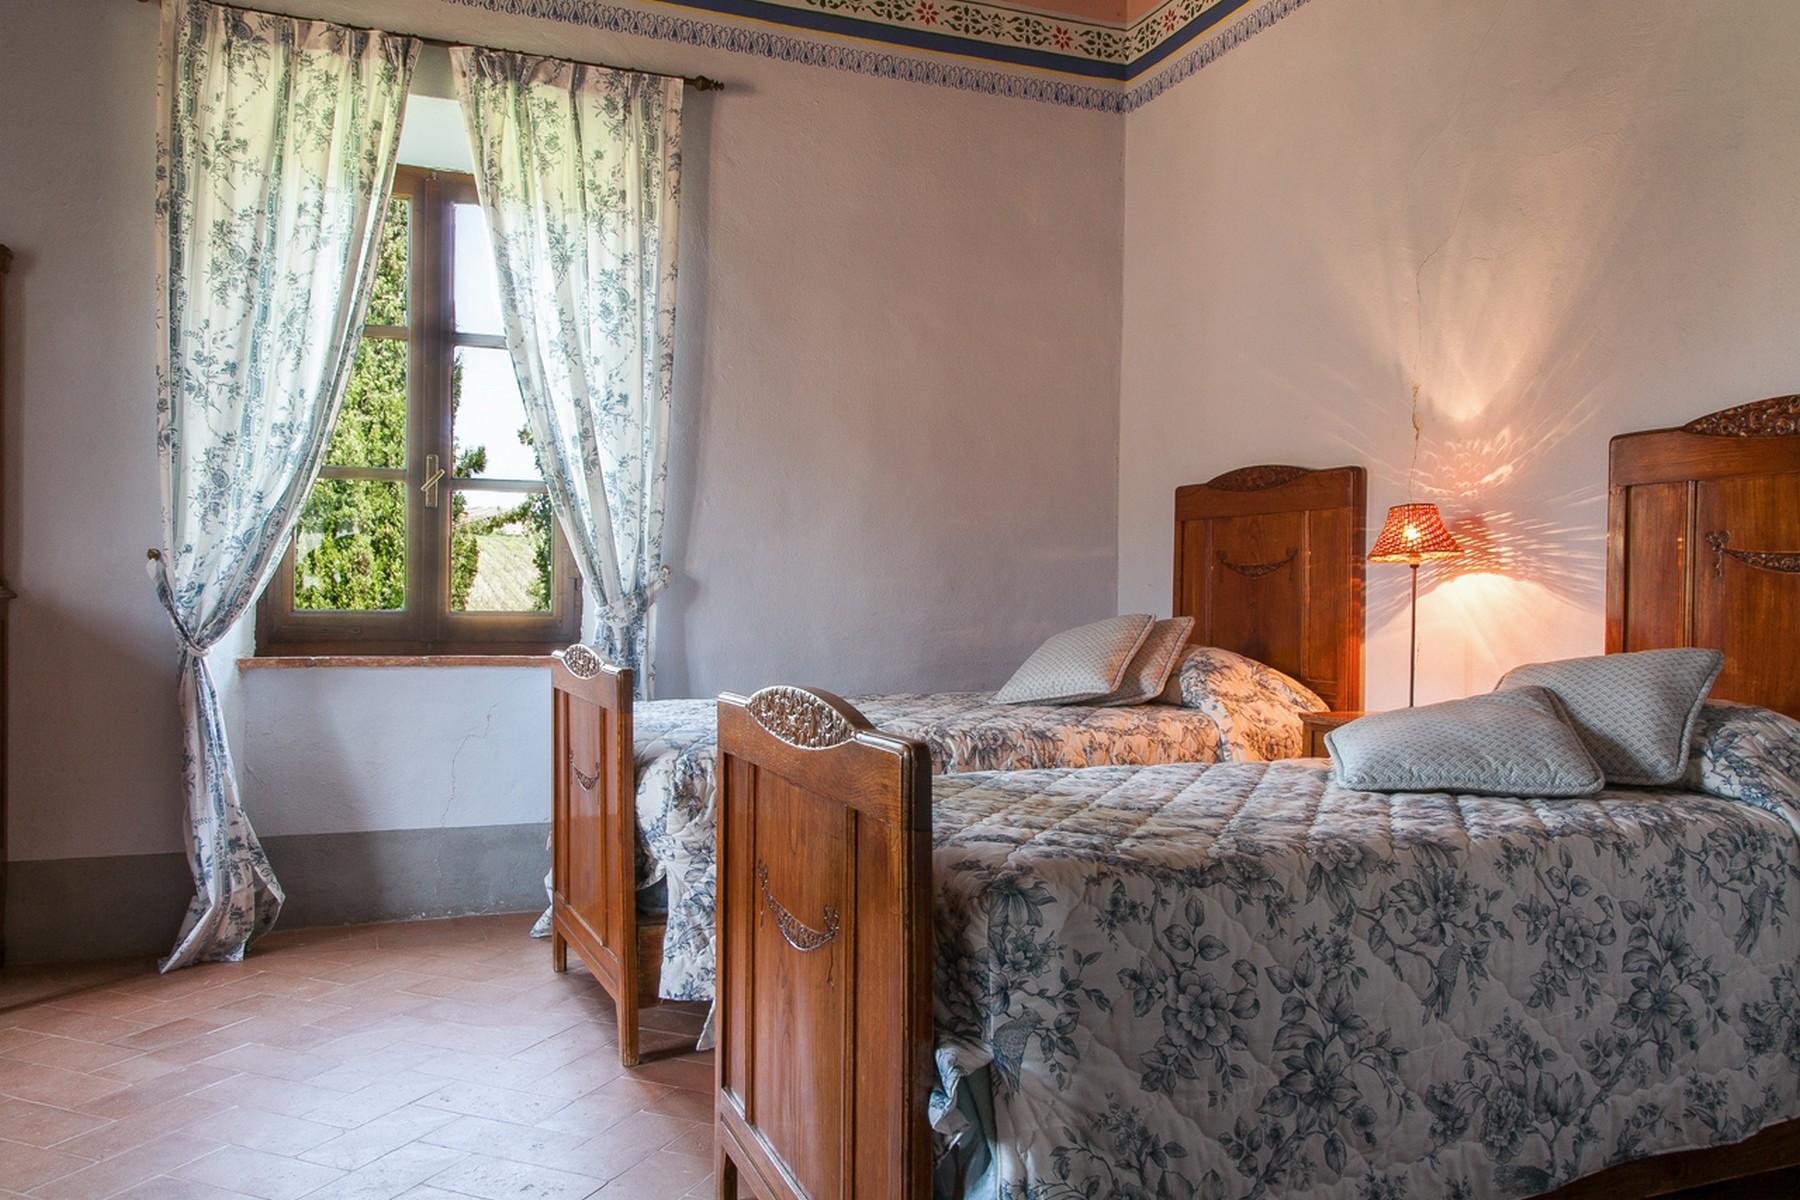 来自16世纪锡耶纳乡村优雅而古典的农舍 - 19